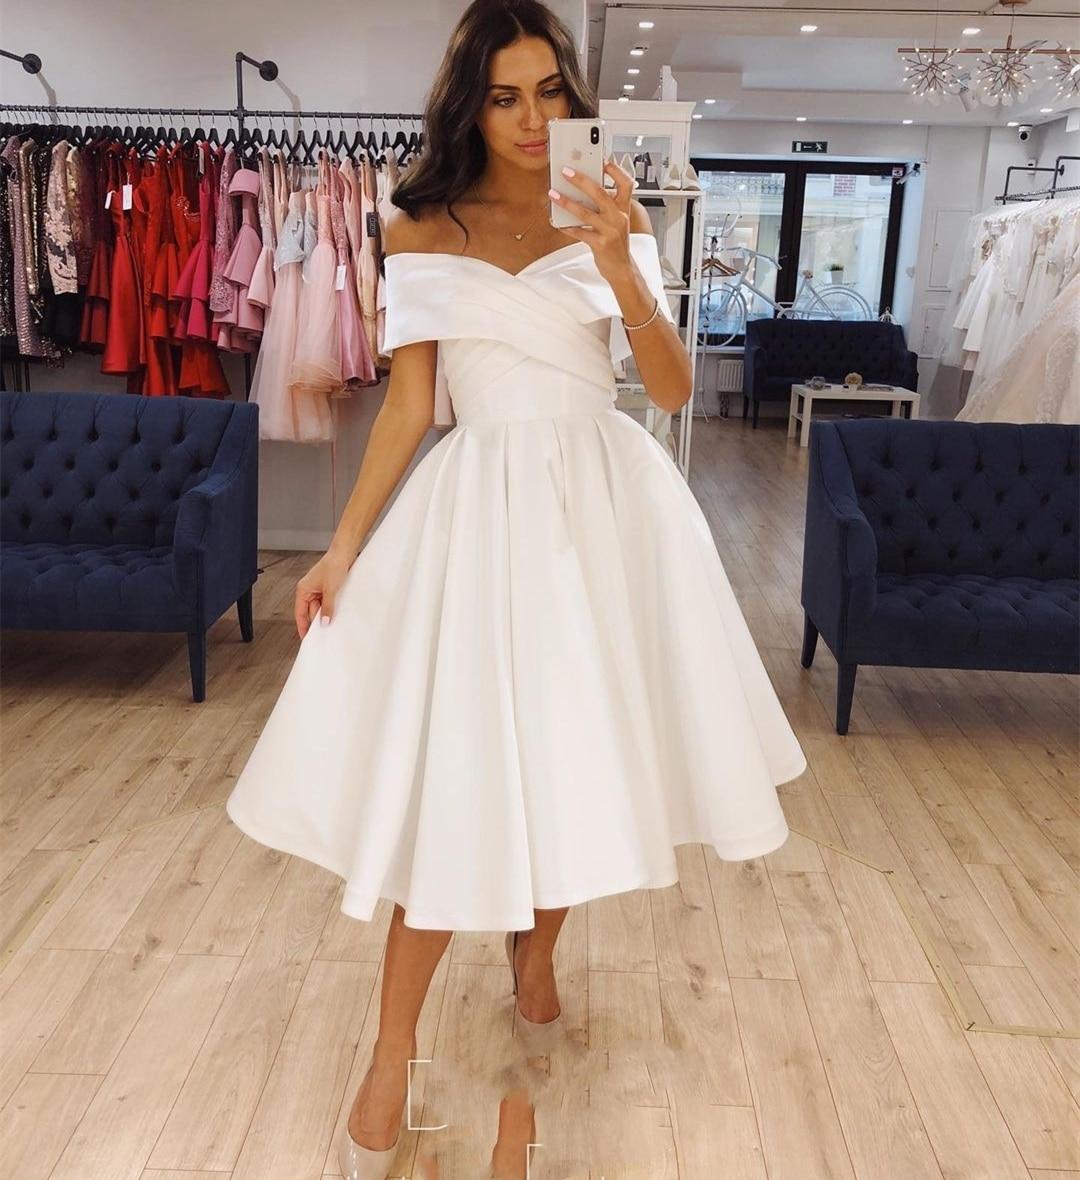 فستان زفاف قصير من الساتان بطول الركبة ، 2021 مطوي ، بسيط ، أكتاف عارية ، عرائس ، أنيق ، رخيص